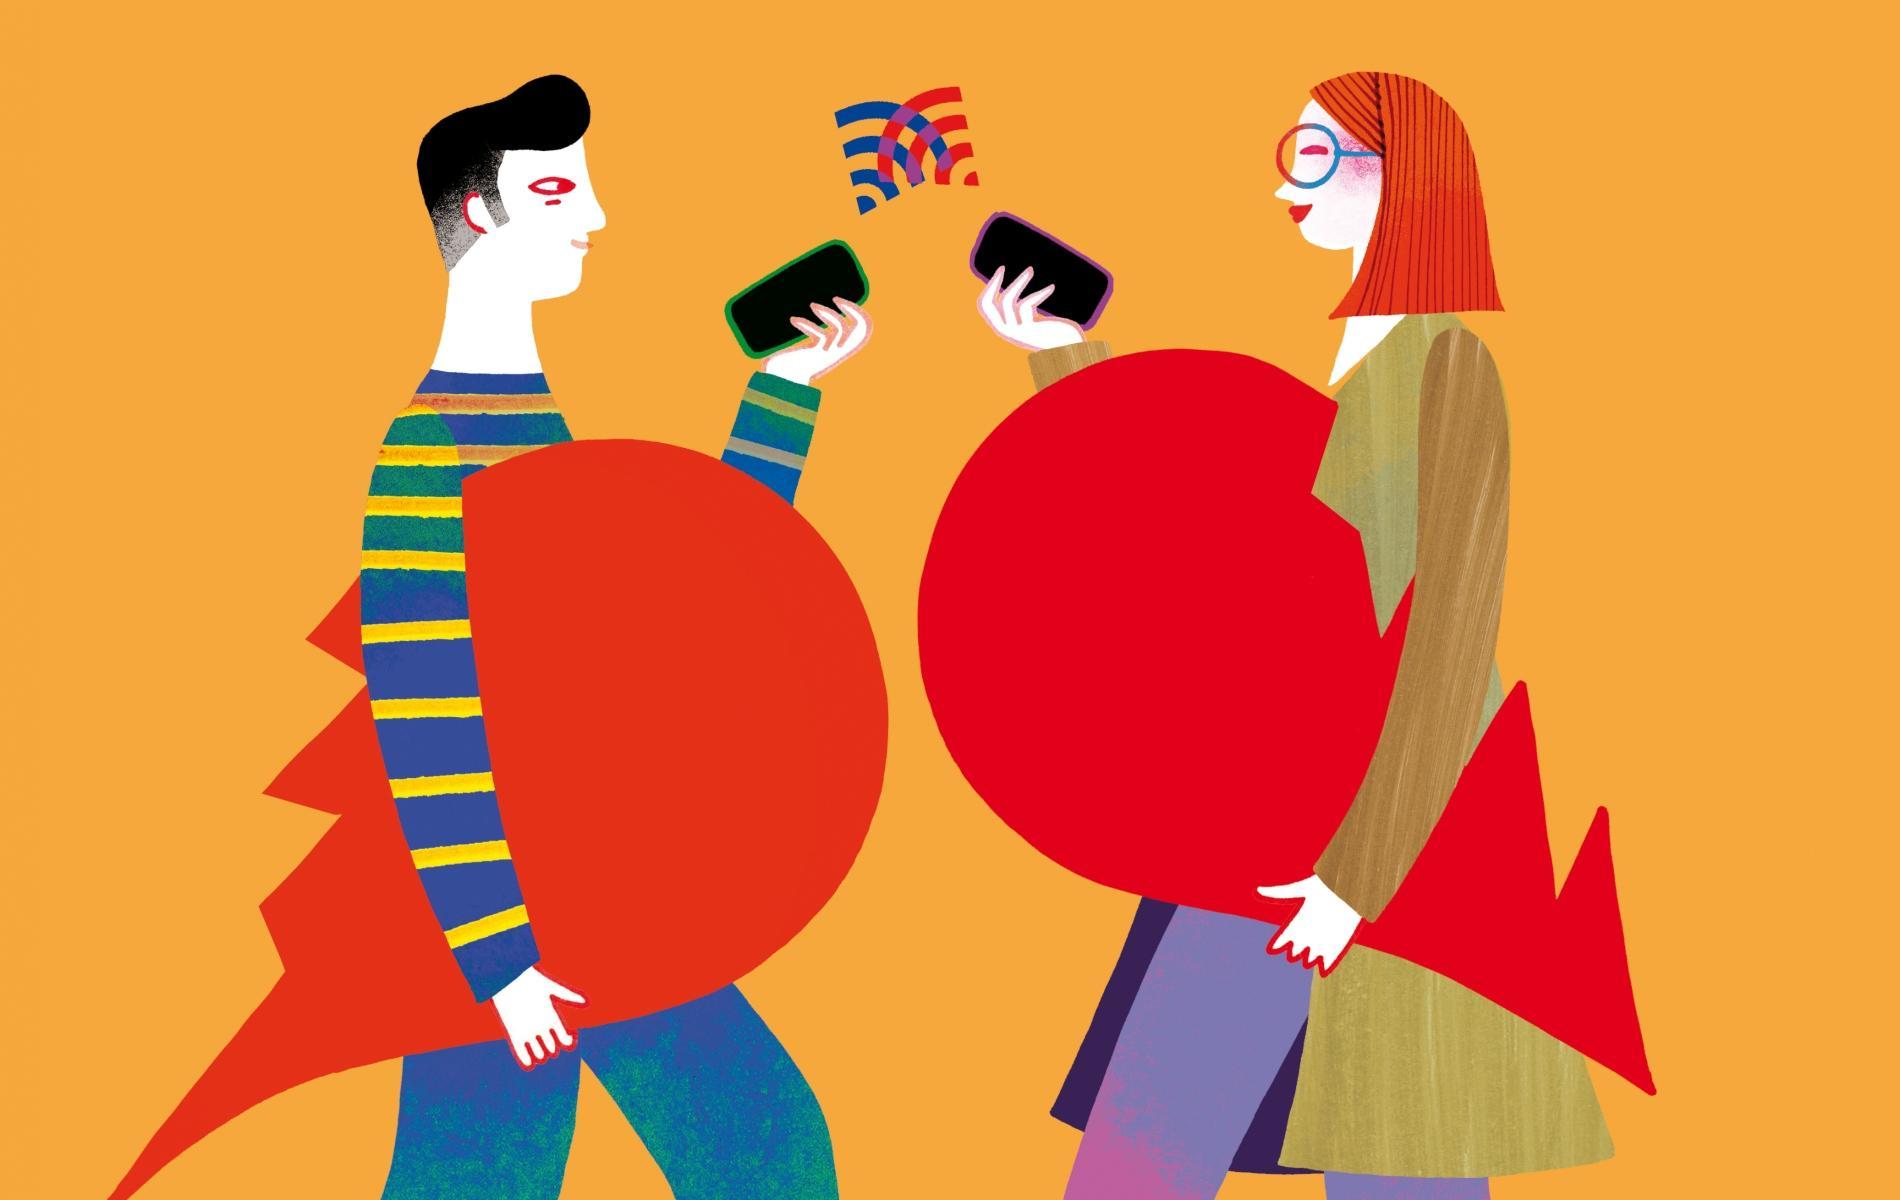 Sites de rencontres pour seniors, une bonne idée ? | Santé Magazine